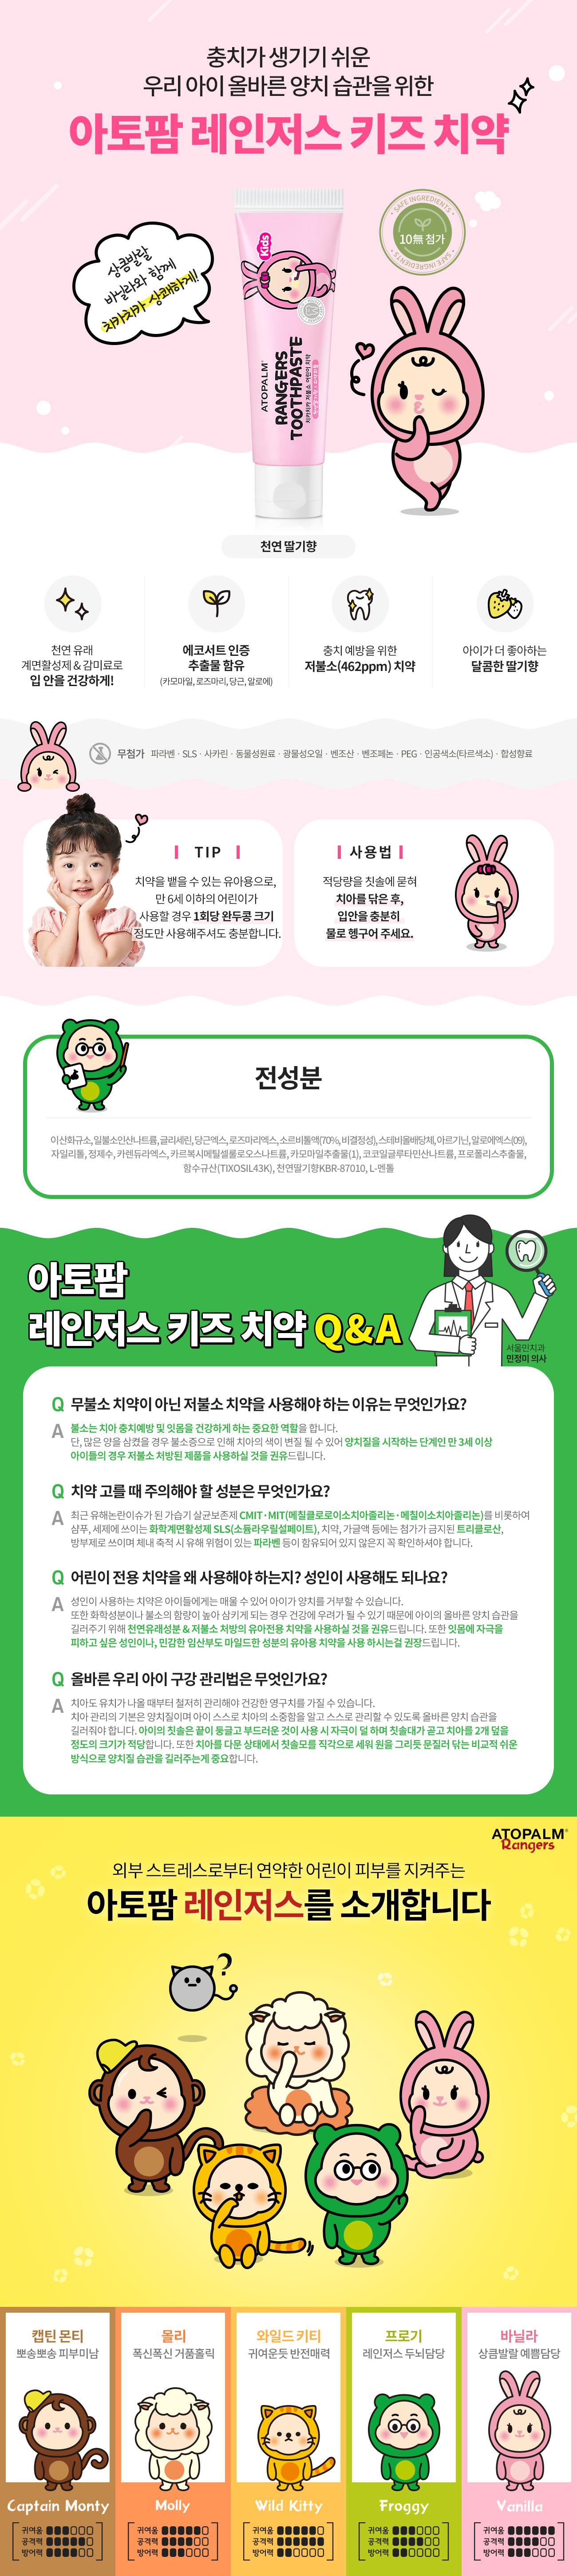 아토팜 레인저스 키즈 치약 천연딸기향